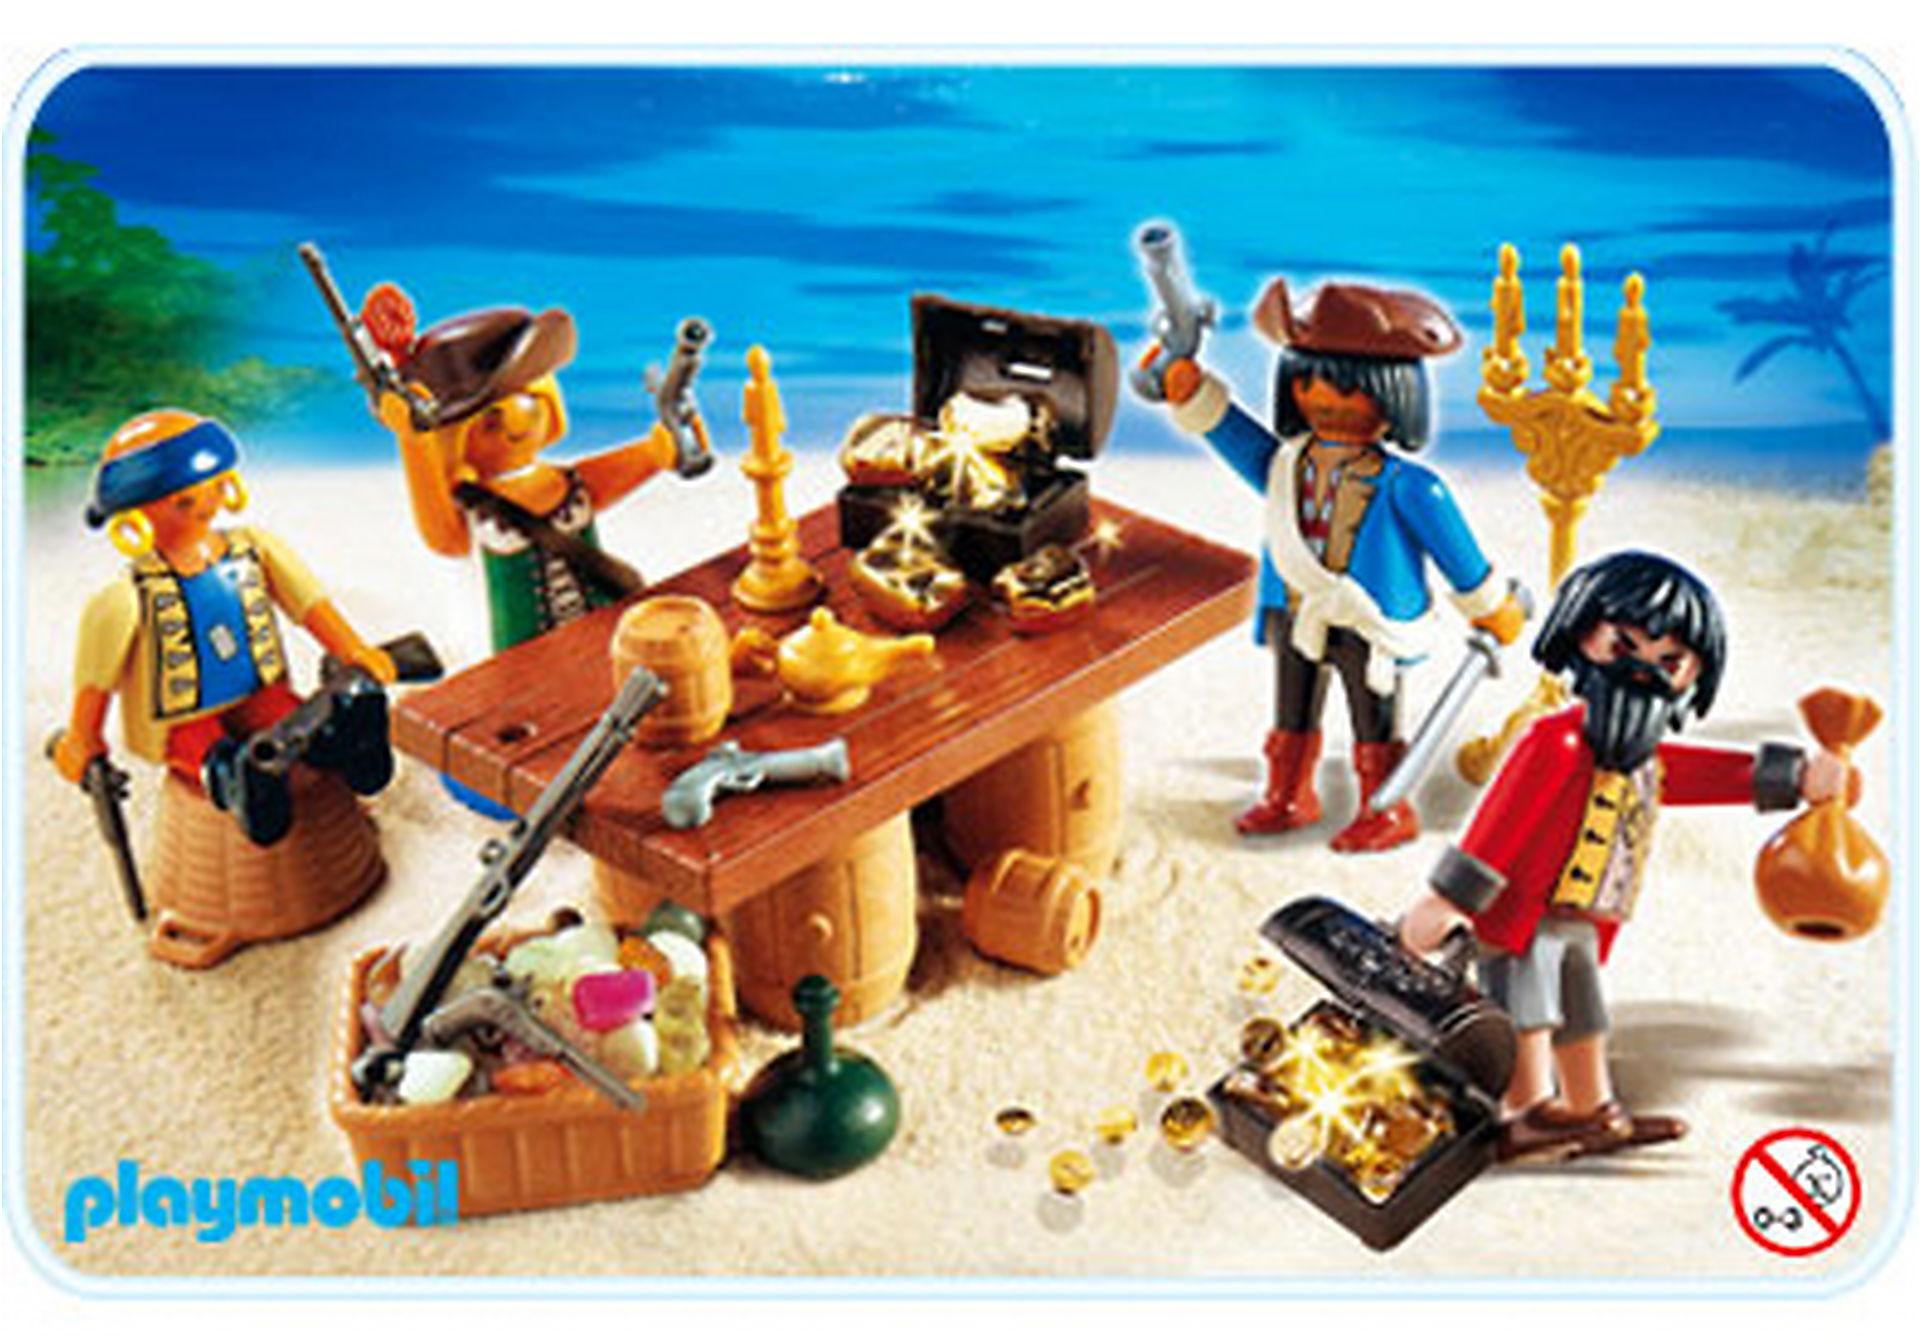 4292-A Piratenbande mit Beuteschatz zoom image1